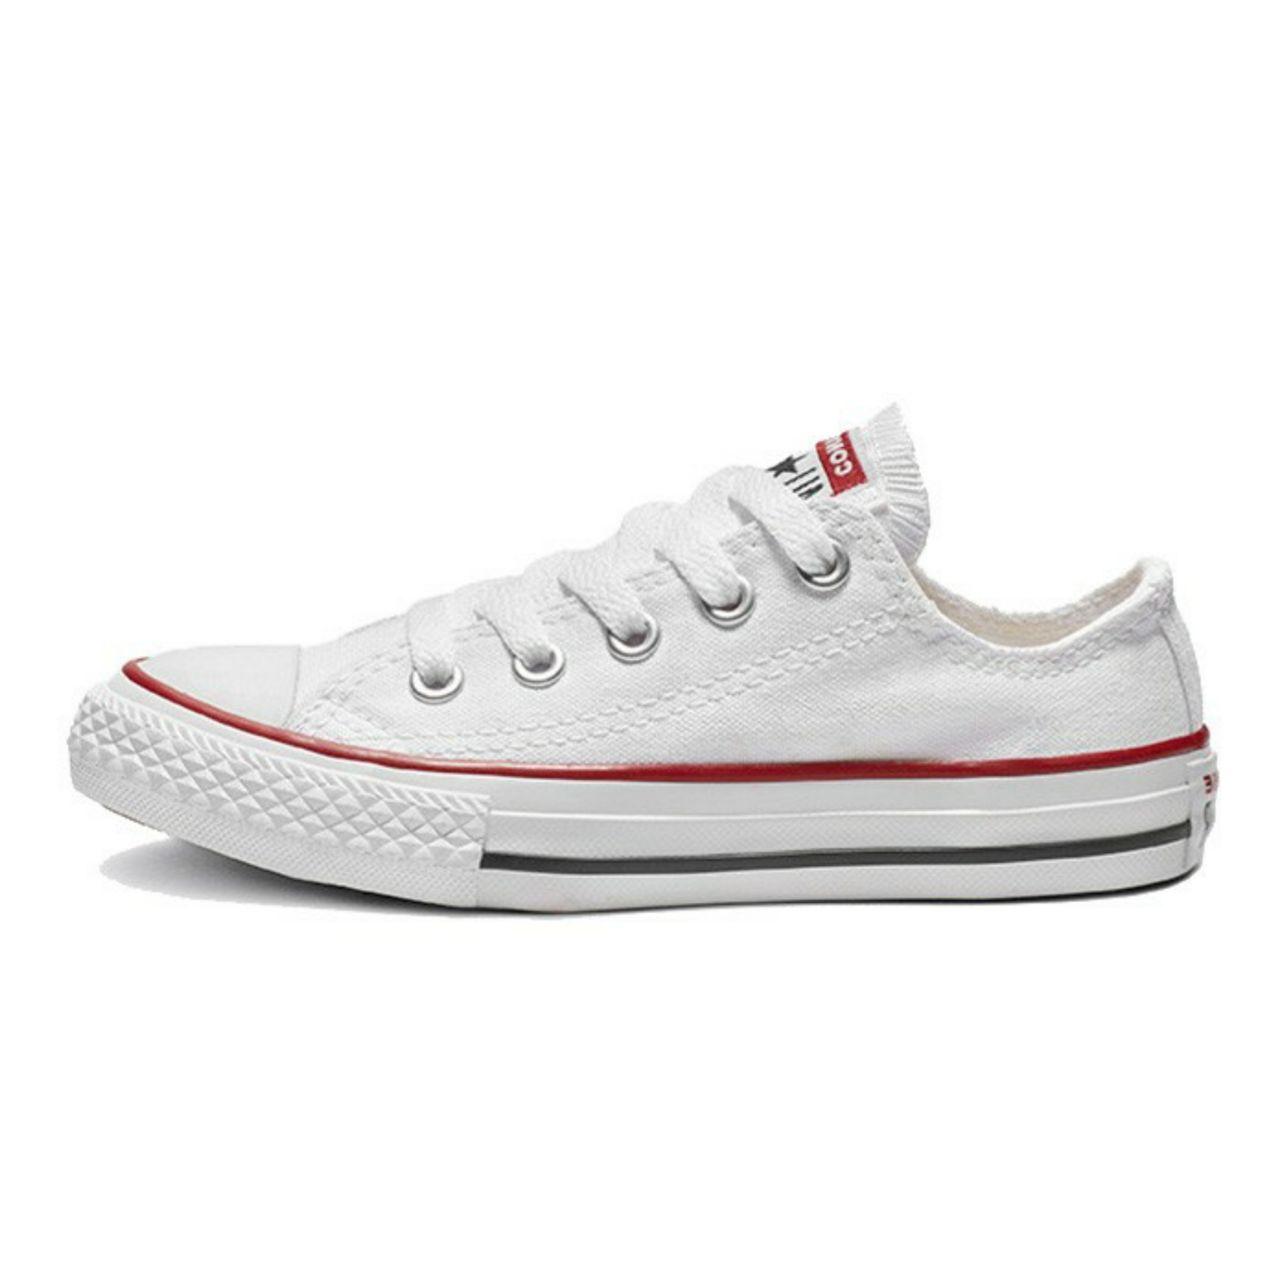 کفش راحتی بچگانه کد ۱۰۰                     غیر اصل